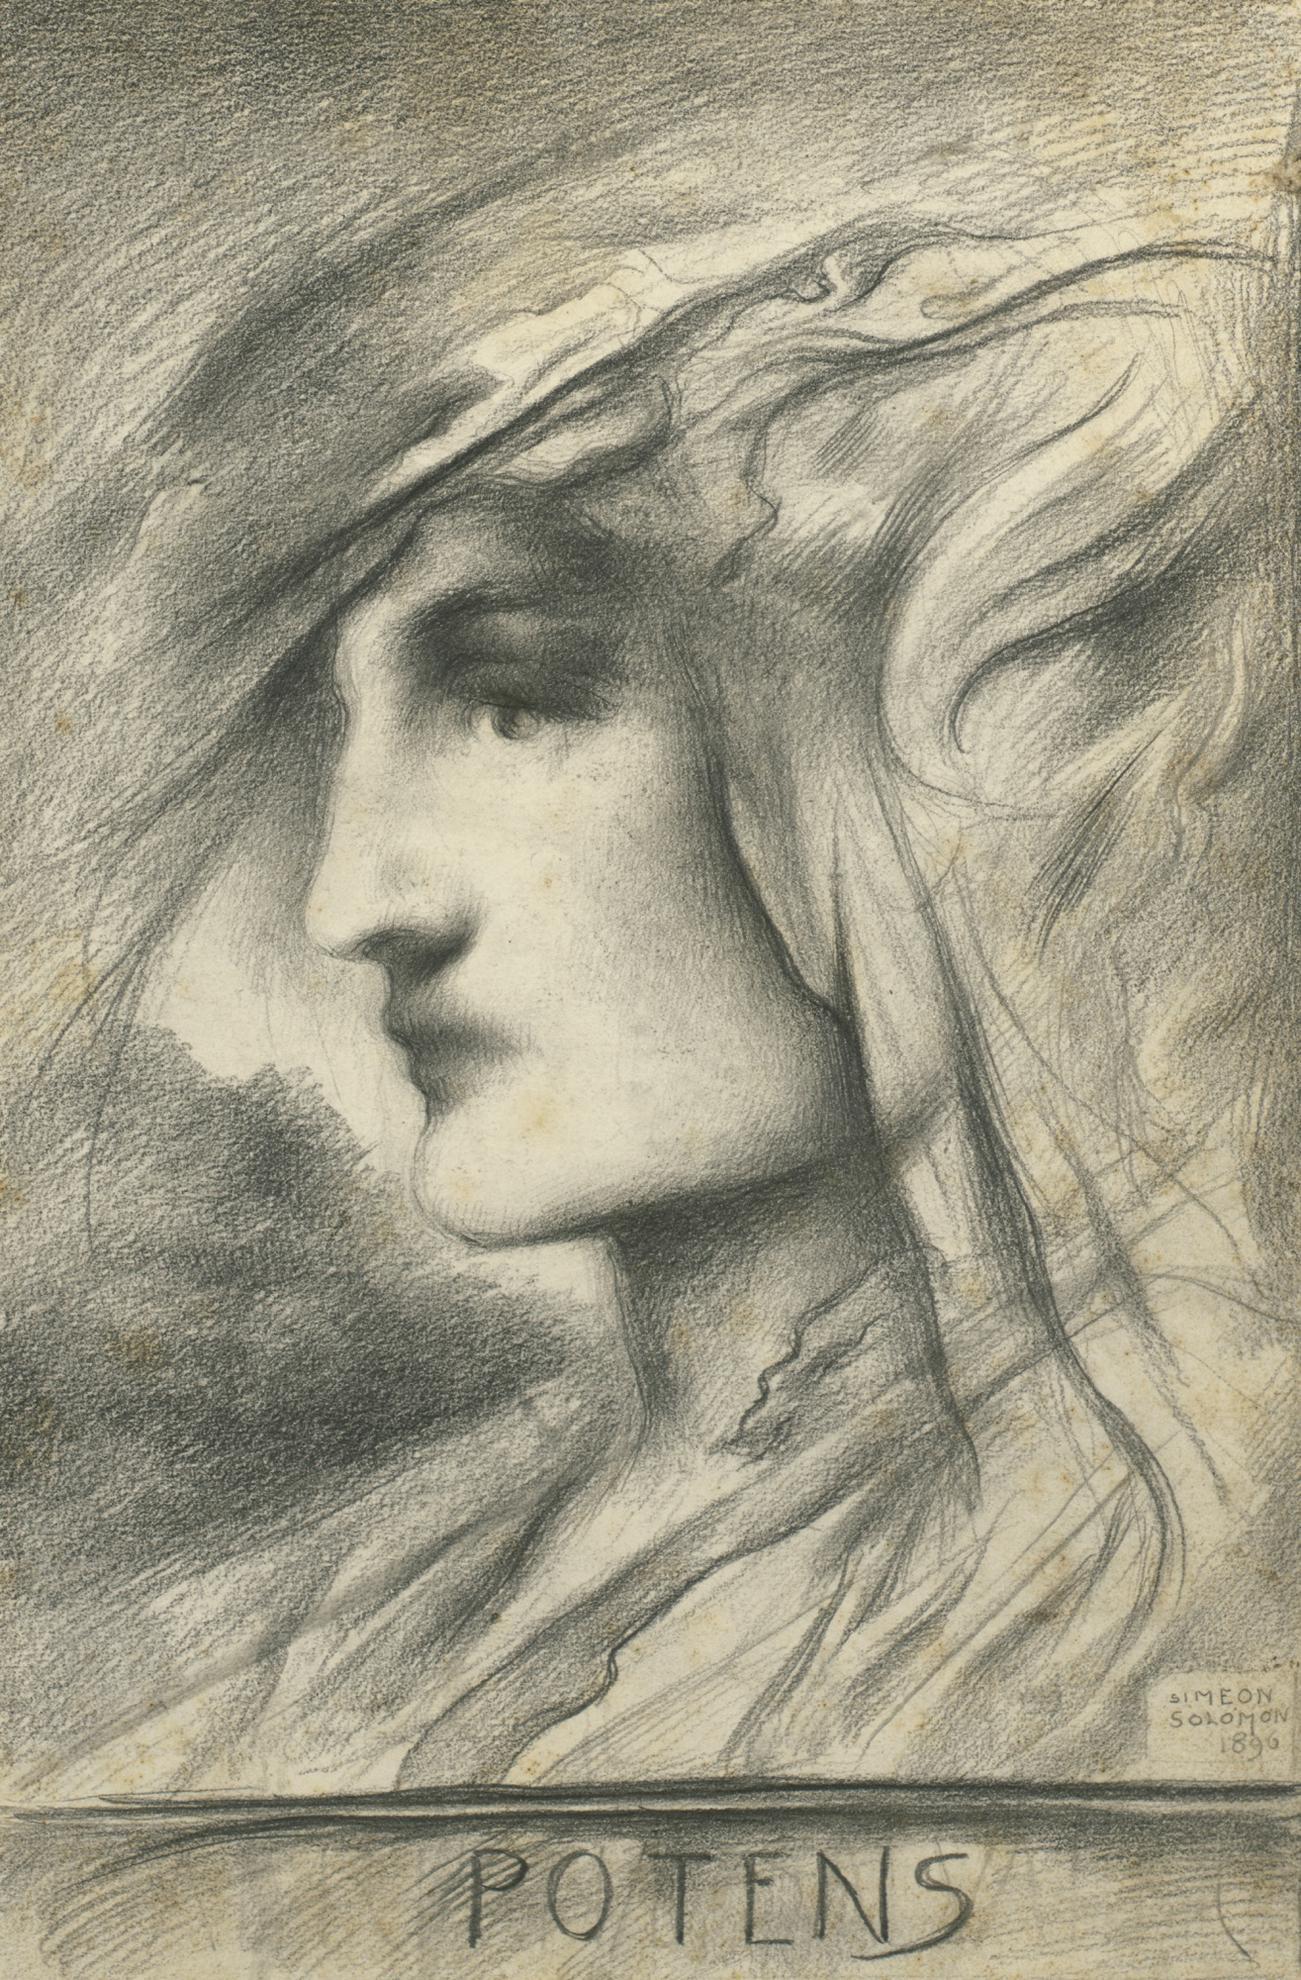 Simeon Solomon - Potens-1896